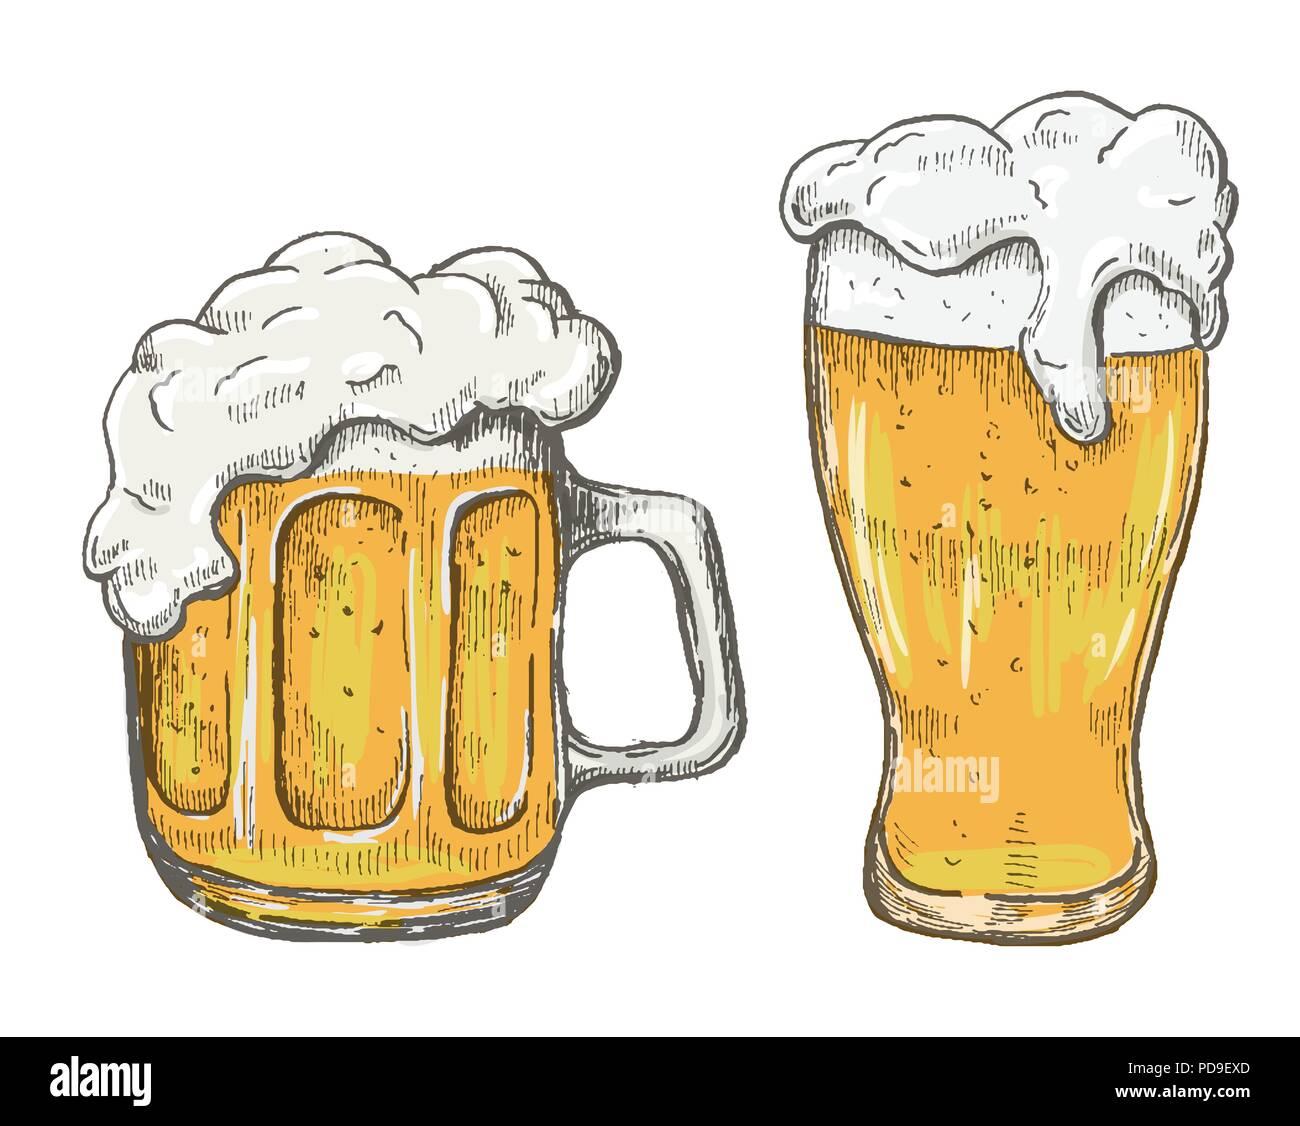 Vettore Di Disegno A Mano Boccale Di Birra In Sfondo Bianco